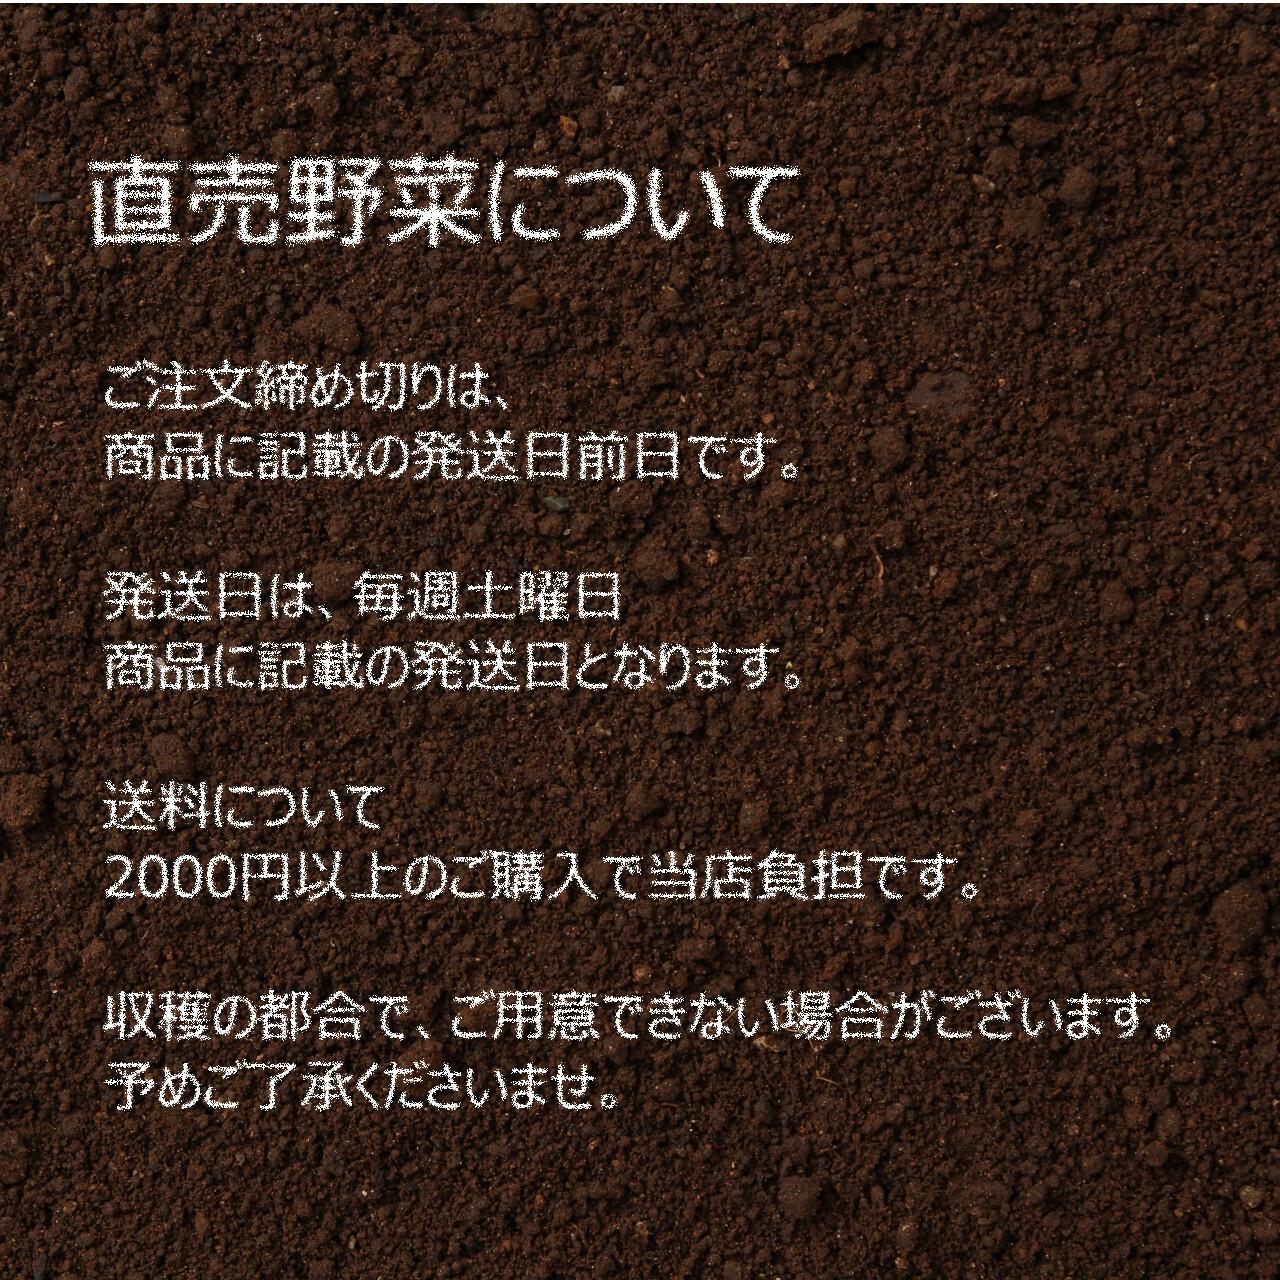 11月の朝採り直売野菜 : ピーマン 約400g 新鮮な秋野菜 11月14日発送予定